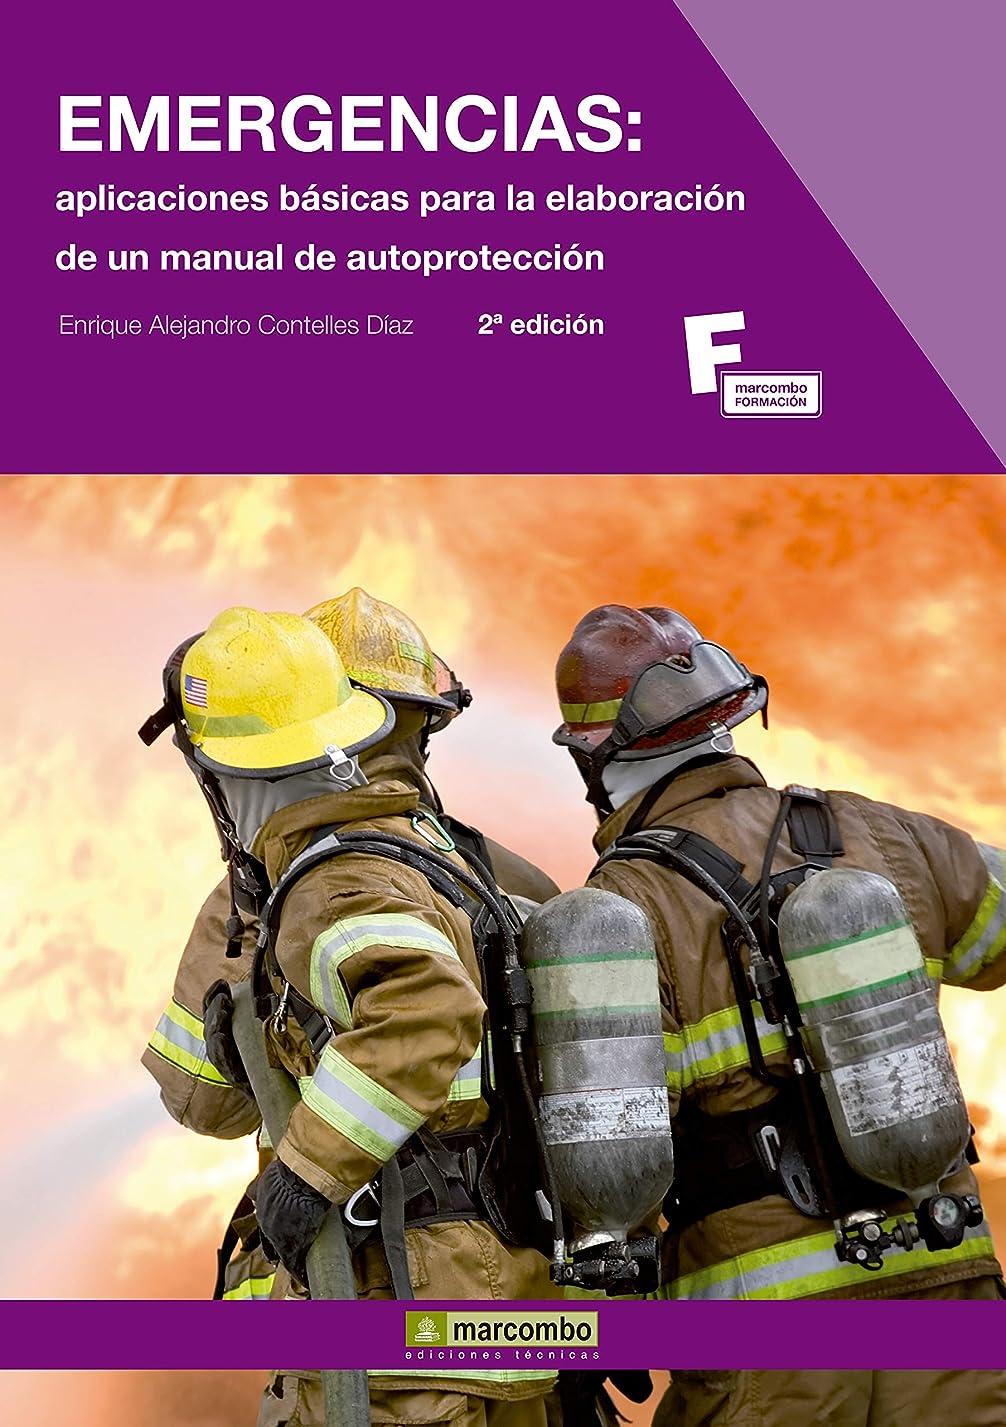 特権的スマッシュ九時四十五分Emergencias (Marcombo formación no 1) (Spanish Edition)